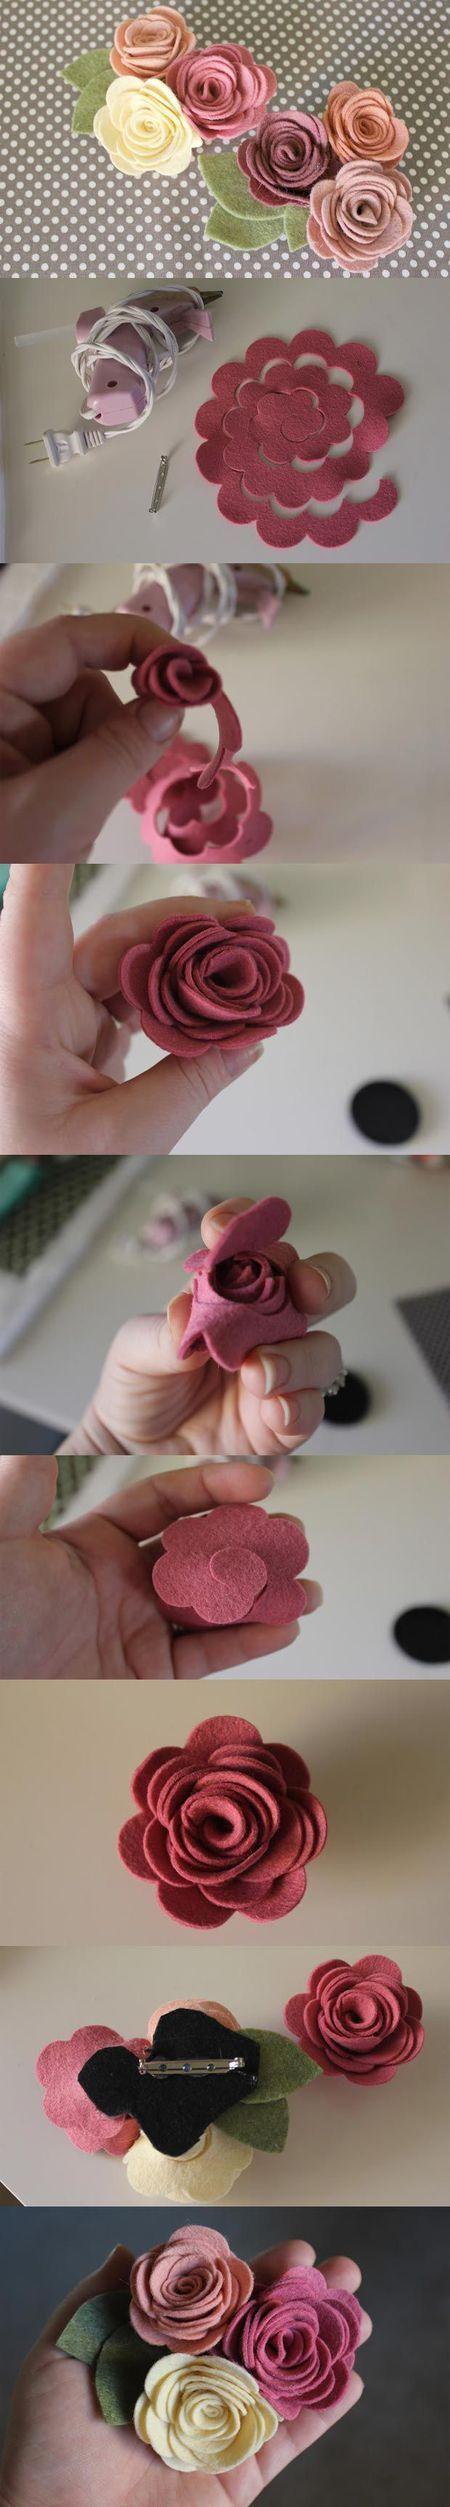 Bunga yang mudah dibuat.